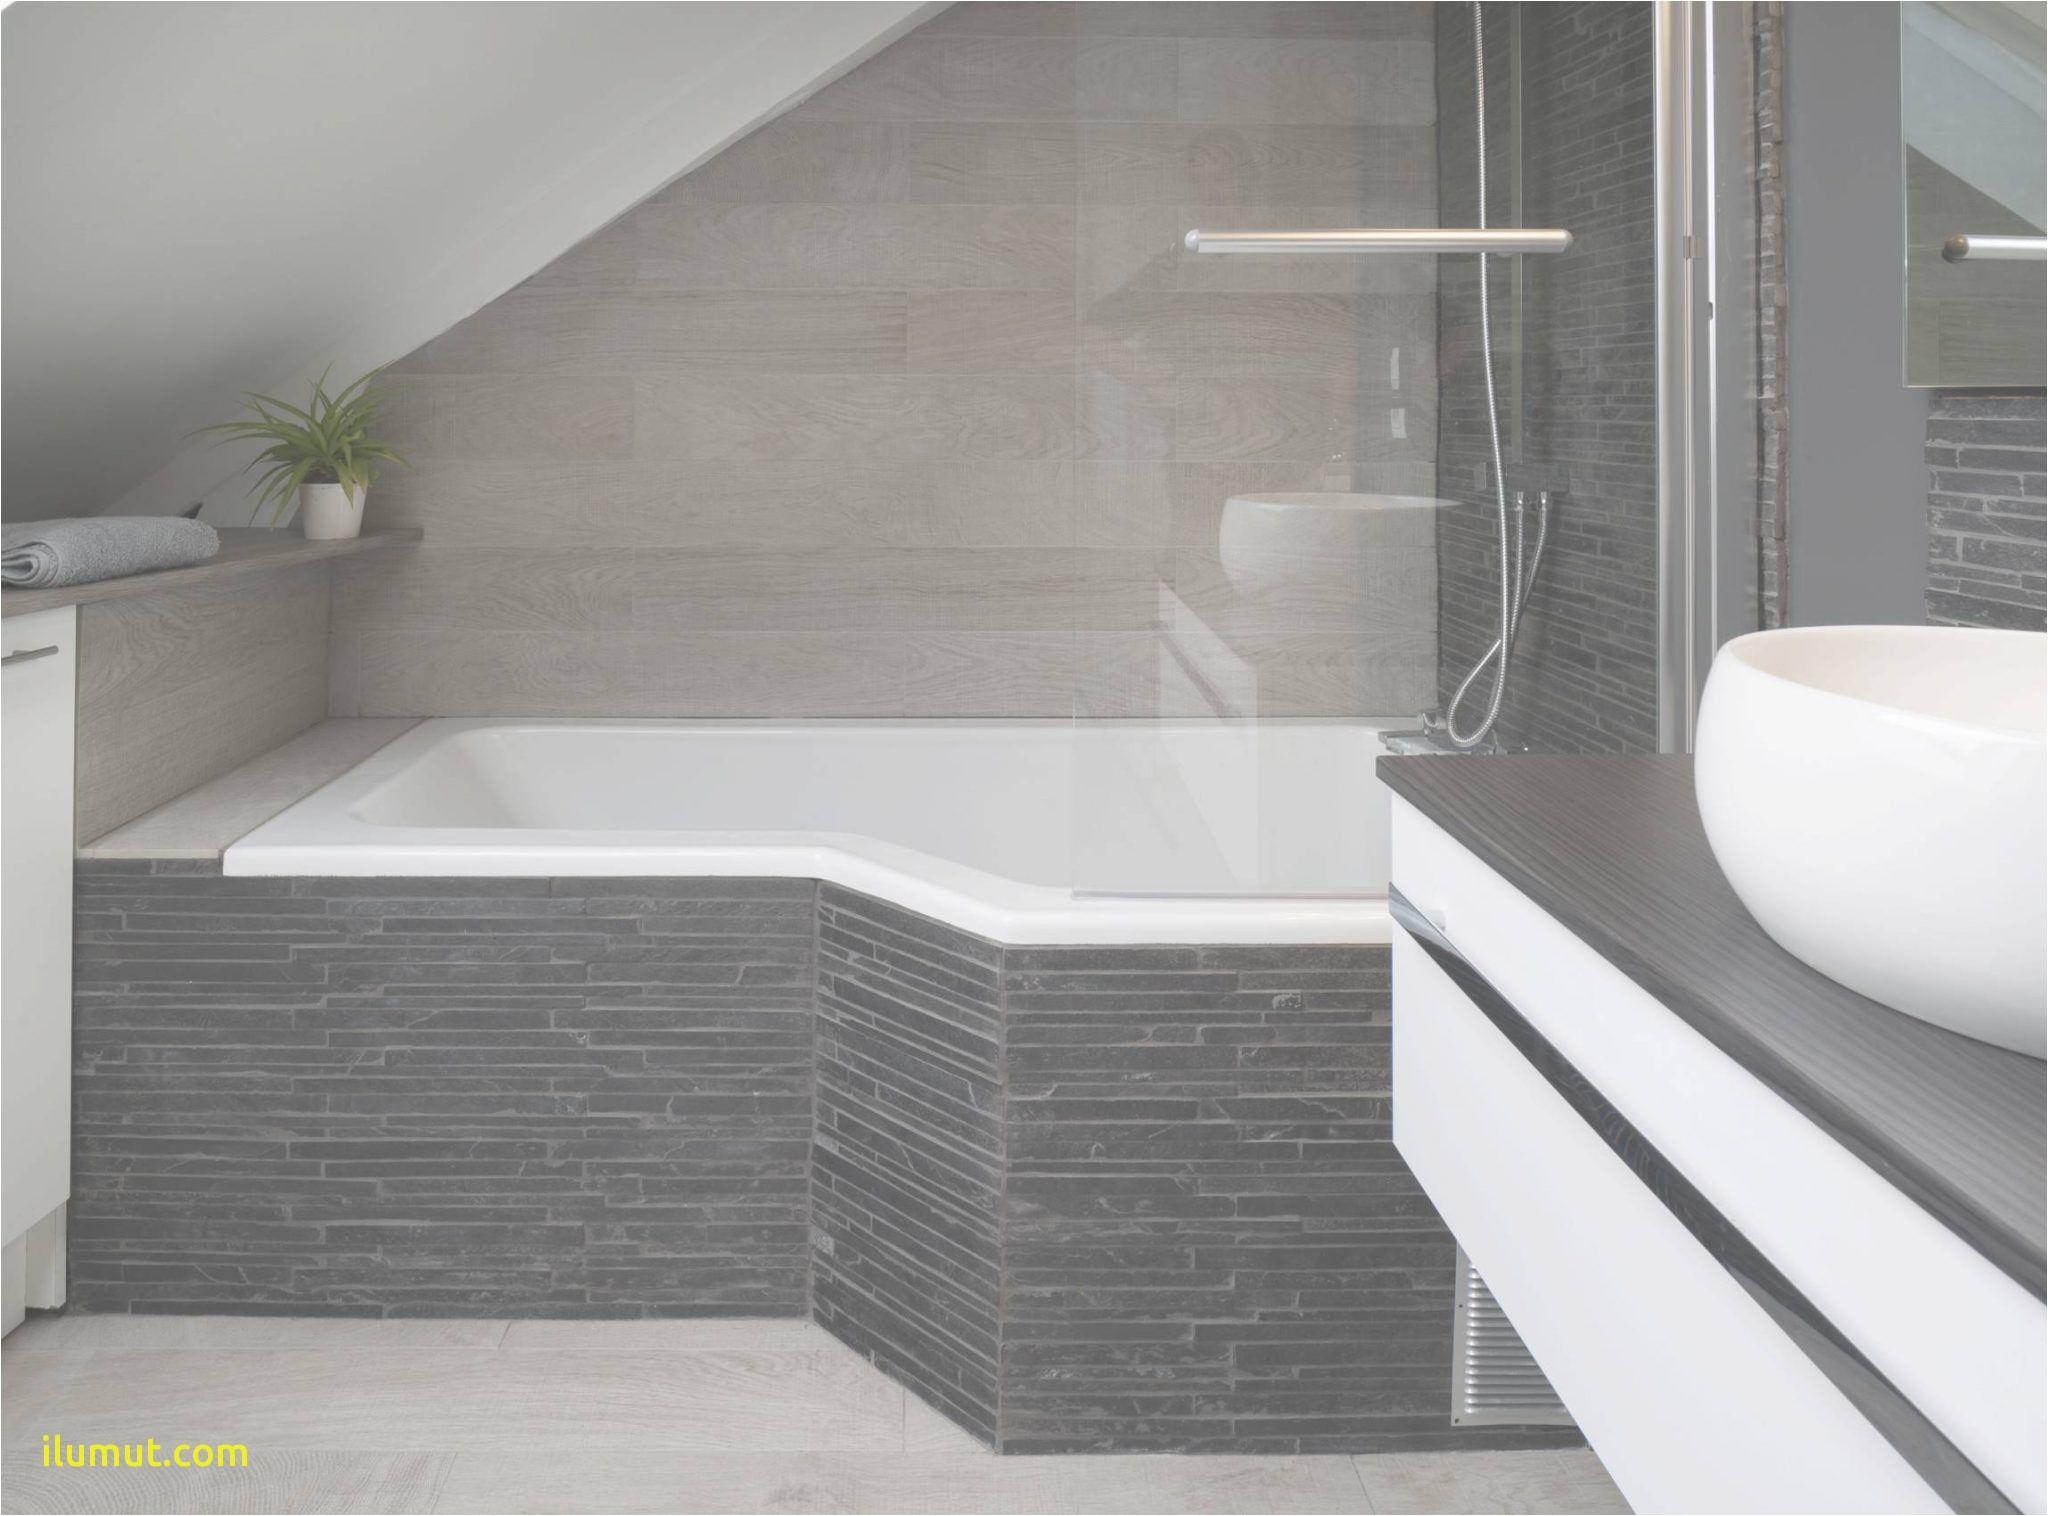 baignoire sous pente baignoire sous pente baignoire sous pente hauteur idees damenagement de salle